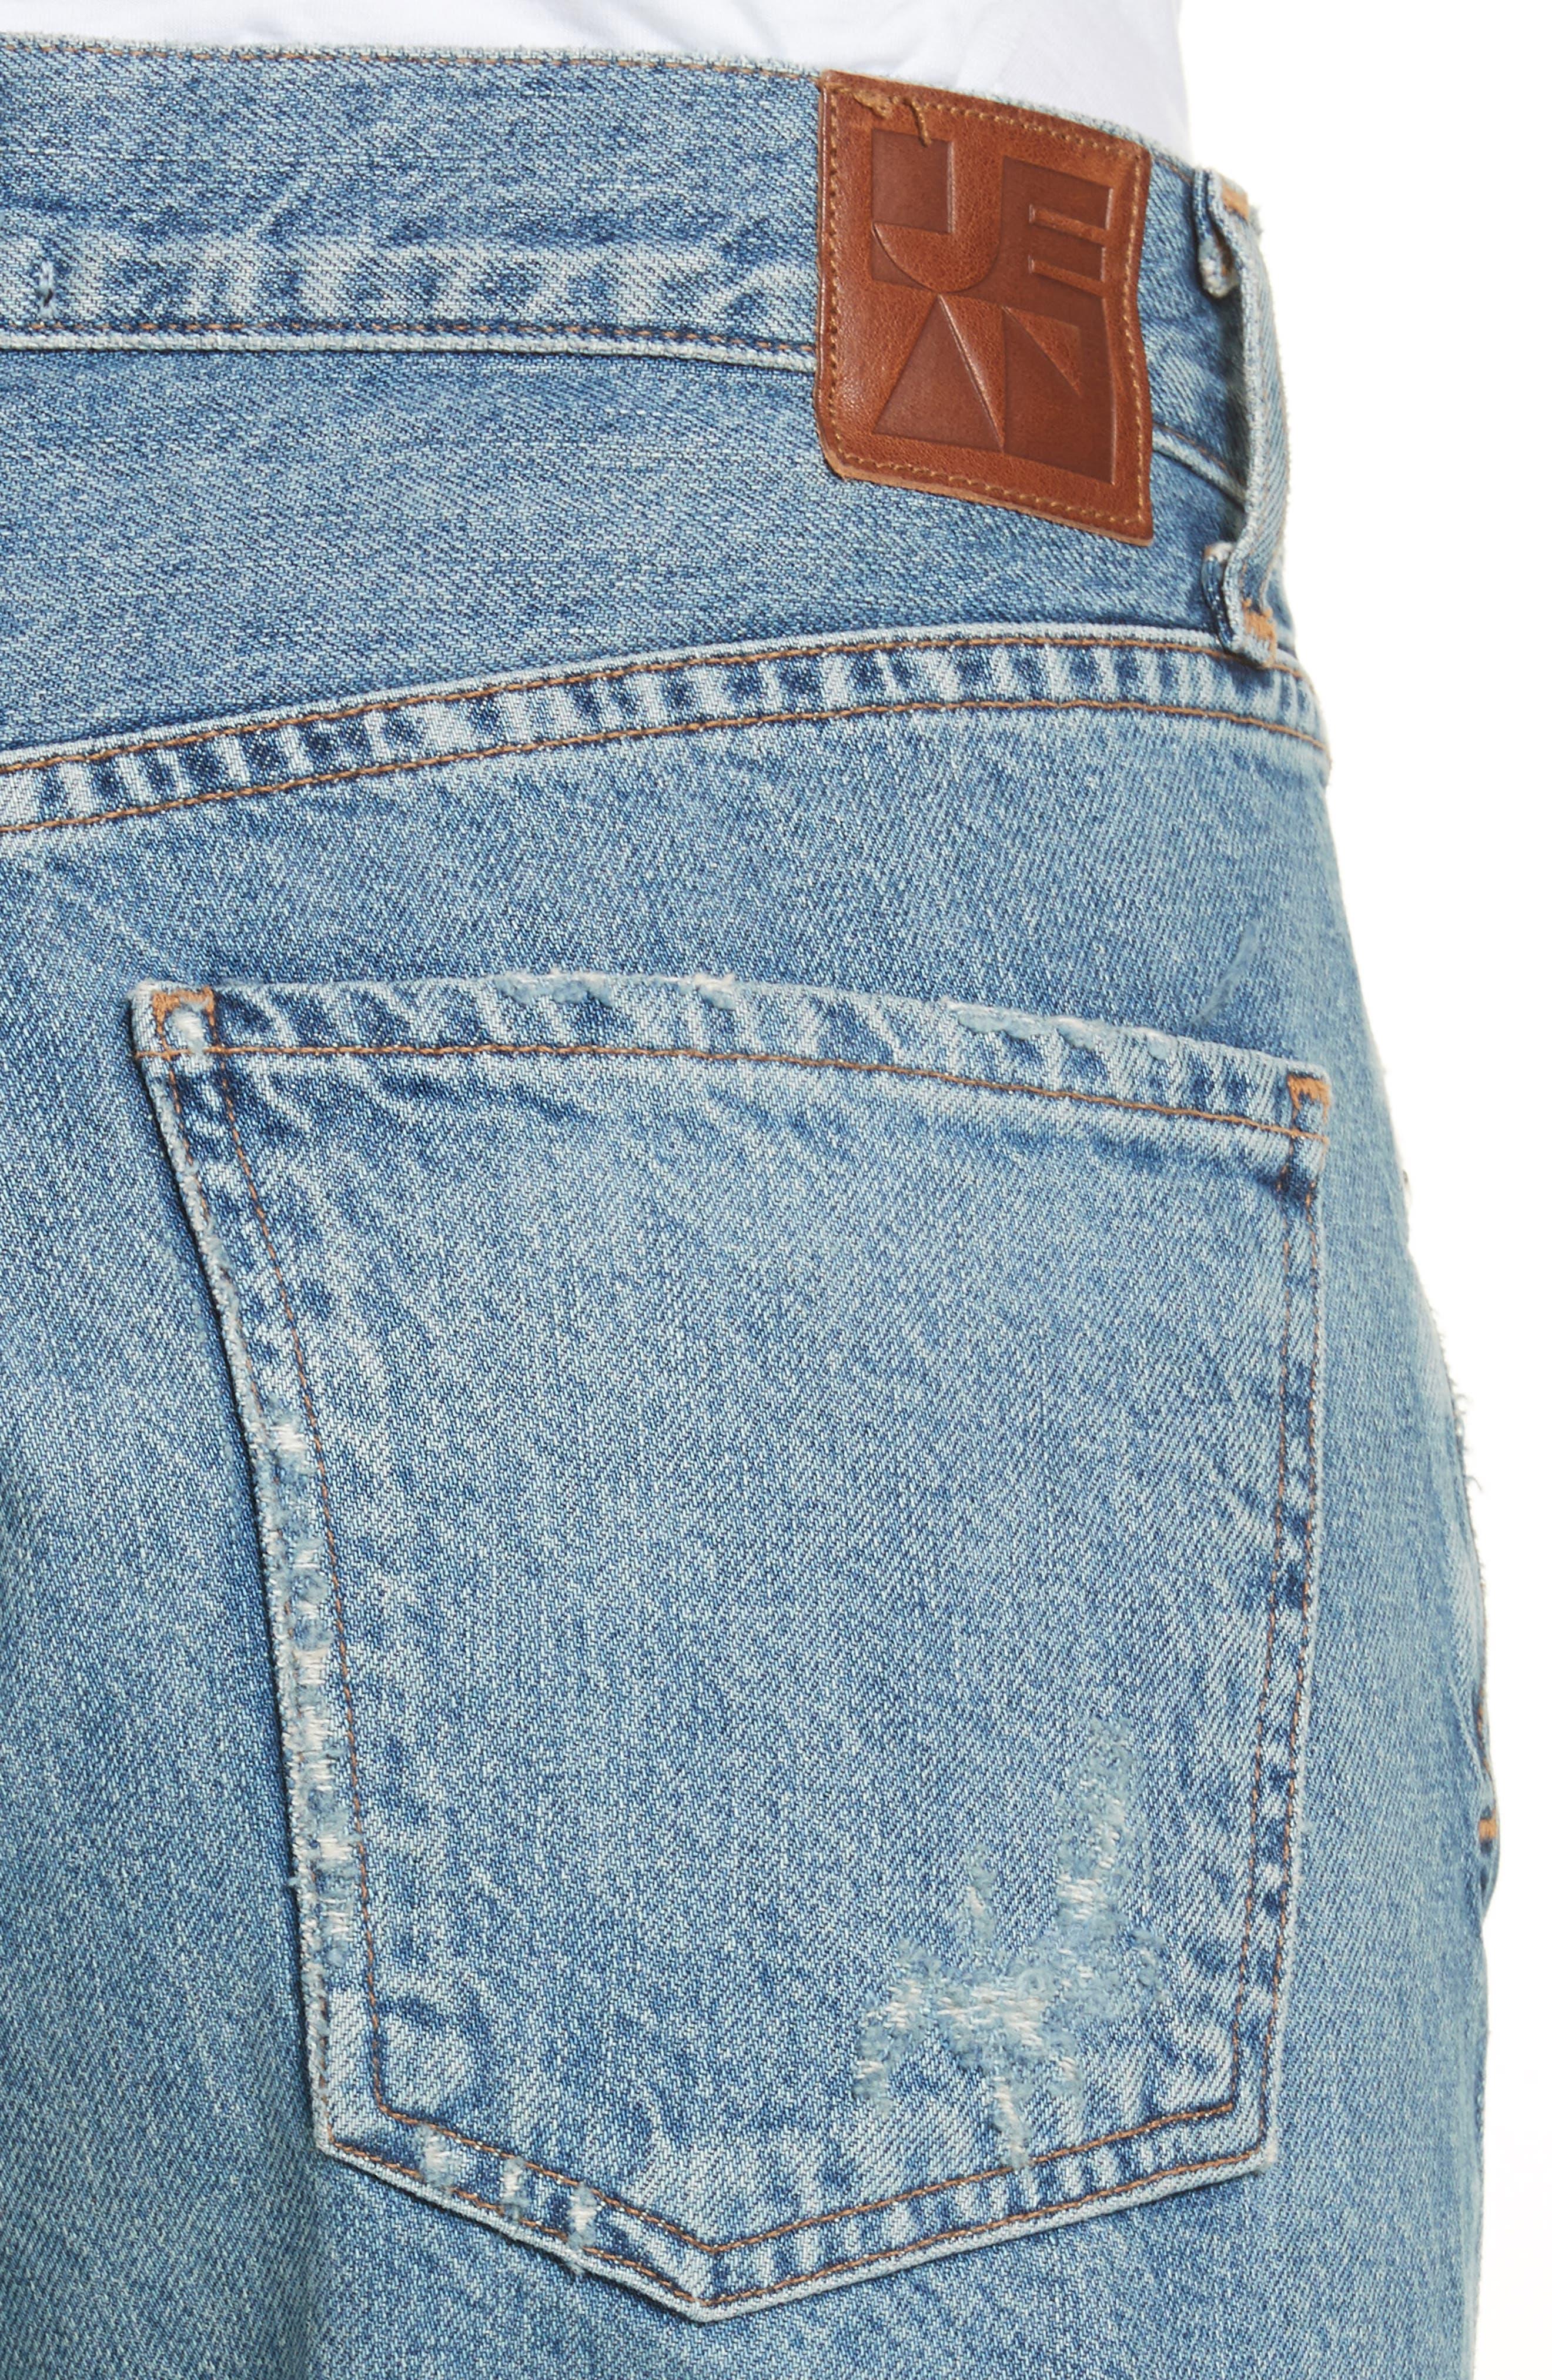 Laurent High Rise Distressed Boyfriend Jeans,                             Alternate thumbnail 4, color,                             VINTAGE